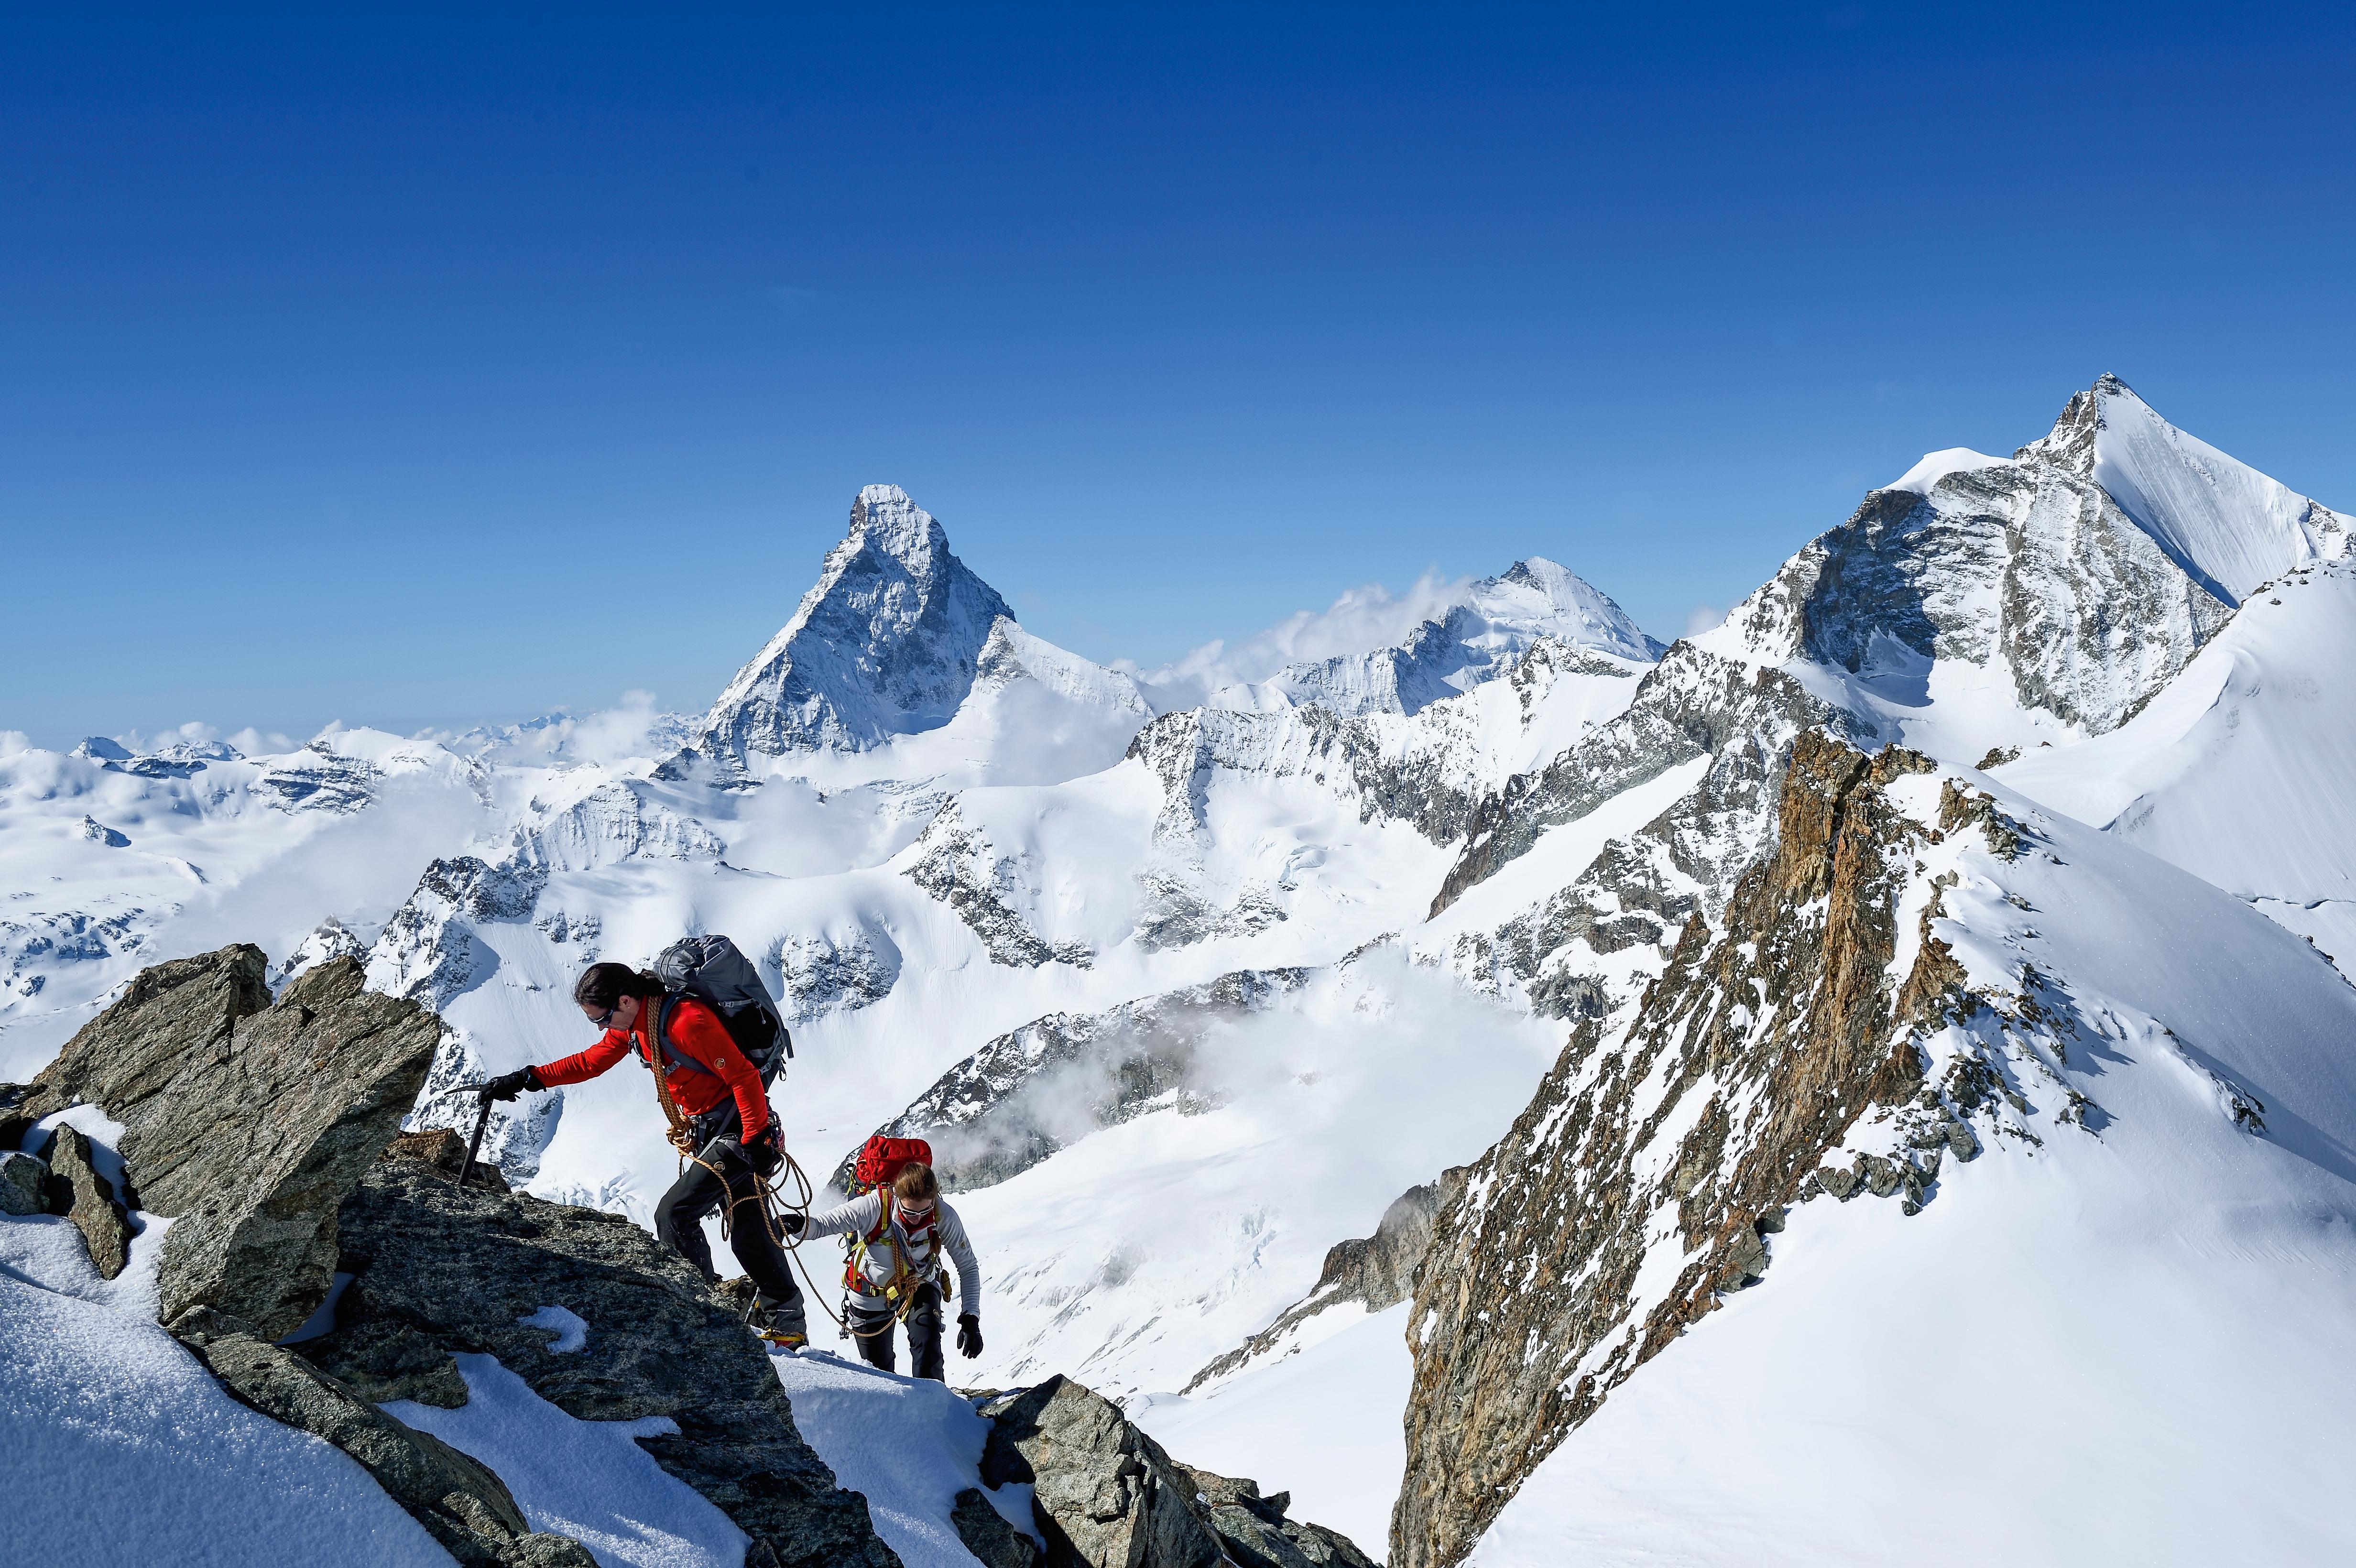 Kletterausrüstung Zermatt : Knacke mit mammut die 4000 meter pr schweiz